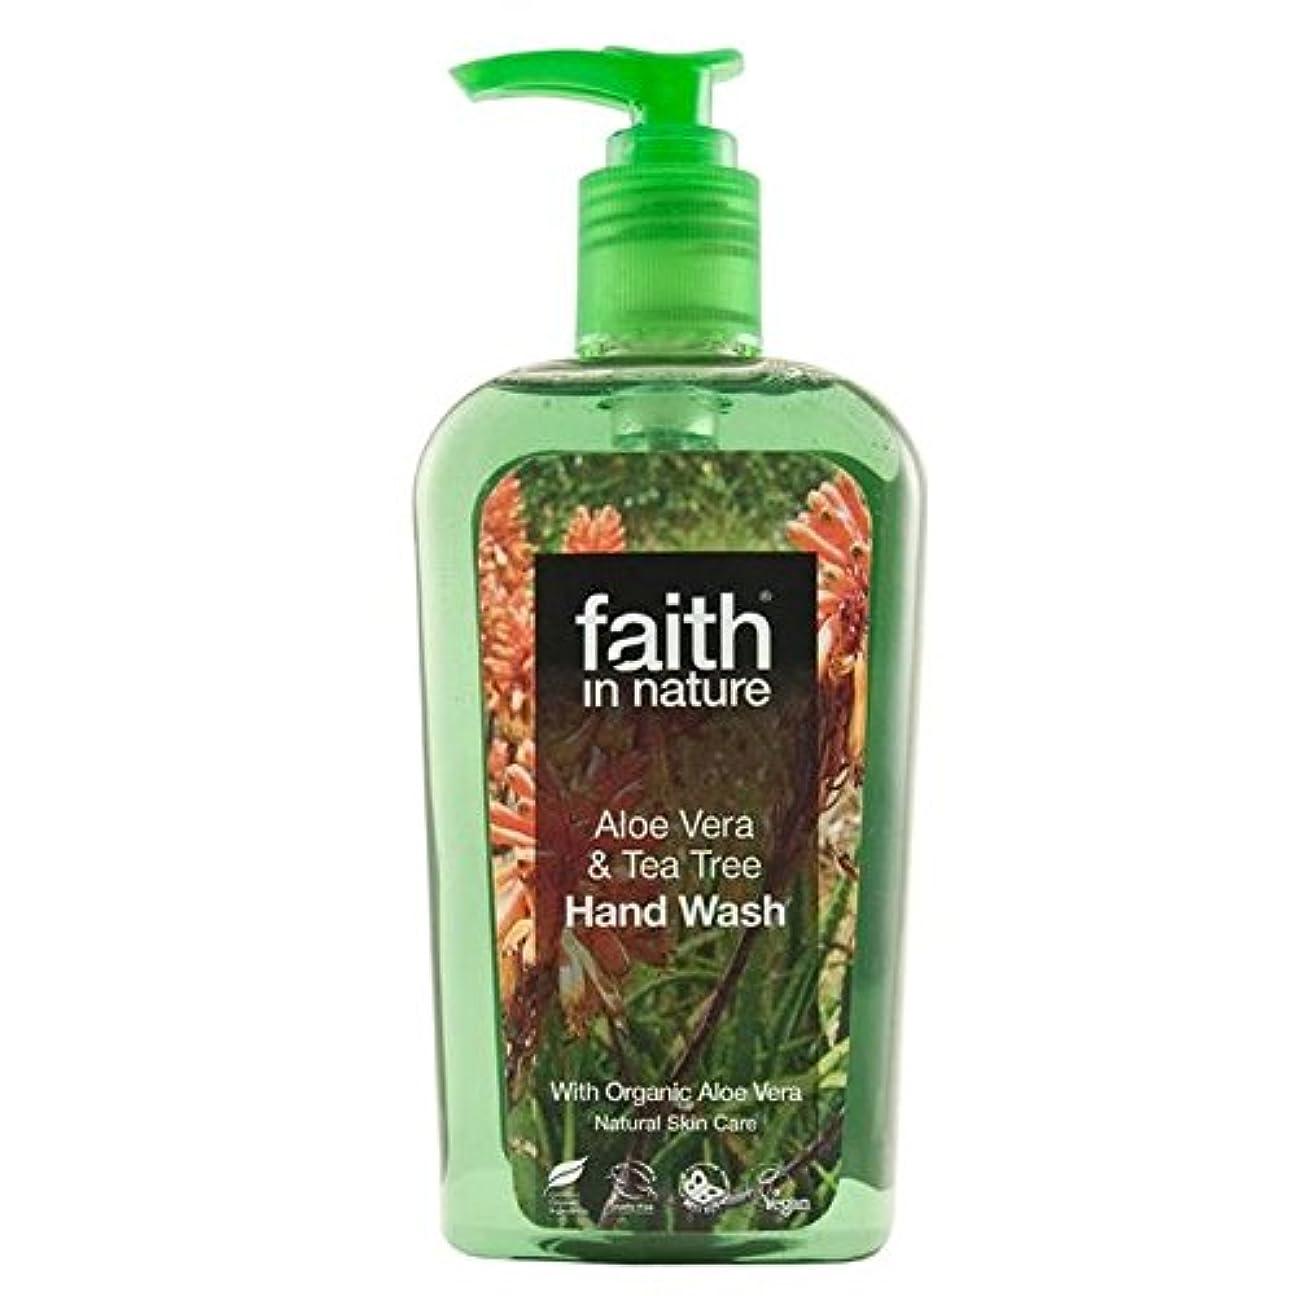 花嫁吸収剤置換Faith in Nature Aloe Vera & Tea Tree Handwash 300ml (Pack of 6) - (Faith In Nature) 自然のアロエベラ&ティーツリー手洗いの300ミリリットル...